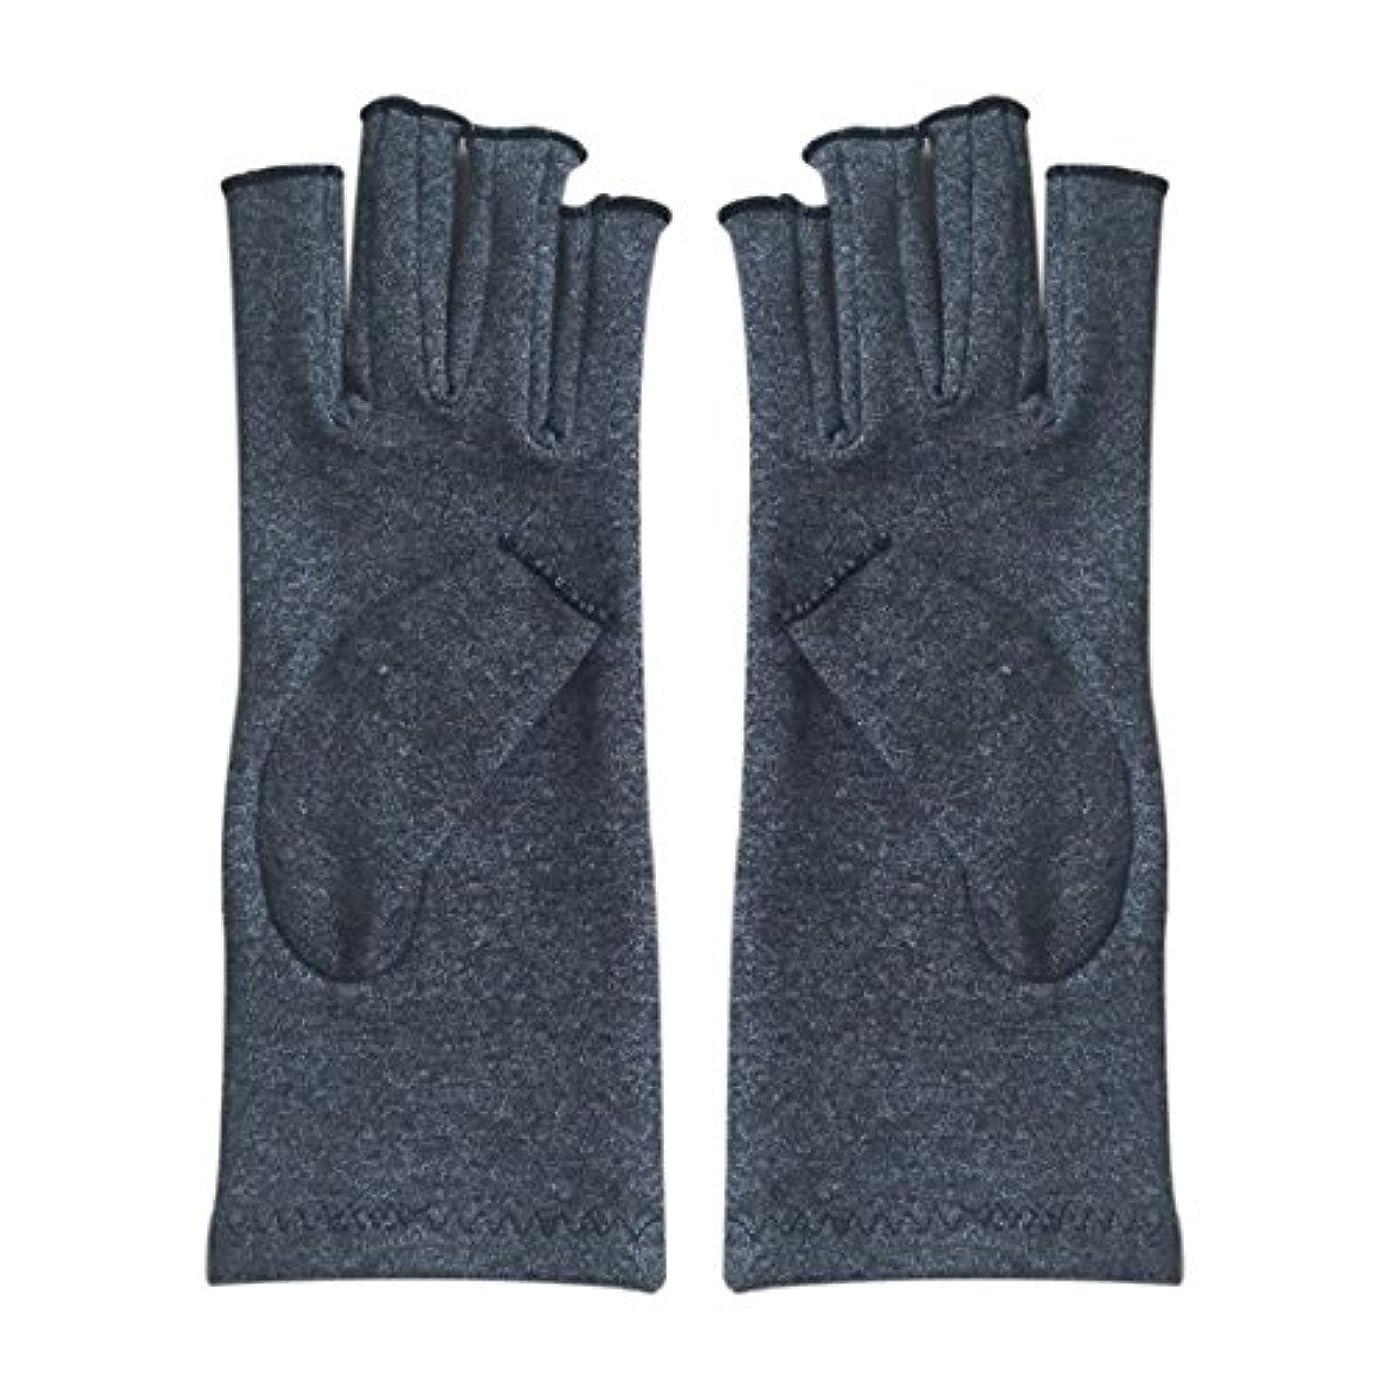 マラソン鋸歯状ゴミSODIAL 1ペア成人男性女性用弾性コットンコンプレッション手袋手関節炎関節痛鎮痛軽減M - 灰色、M